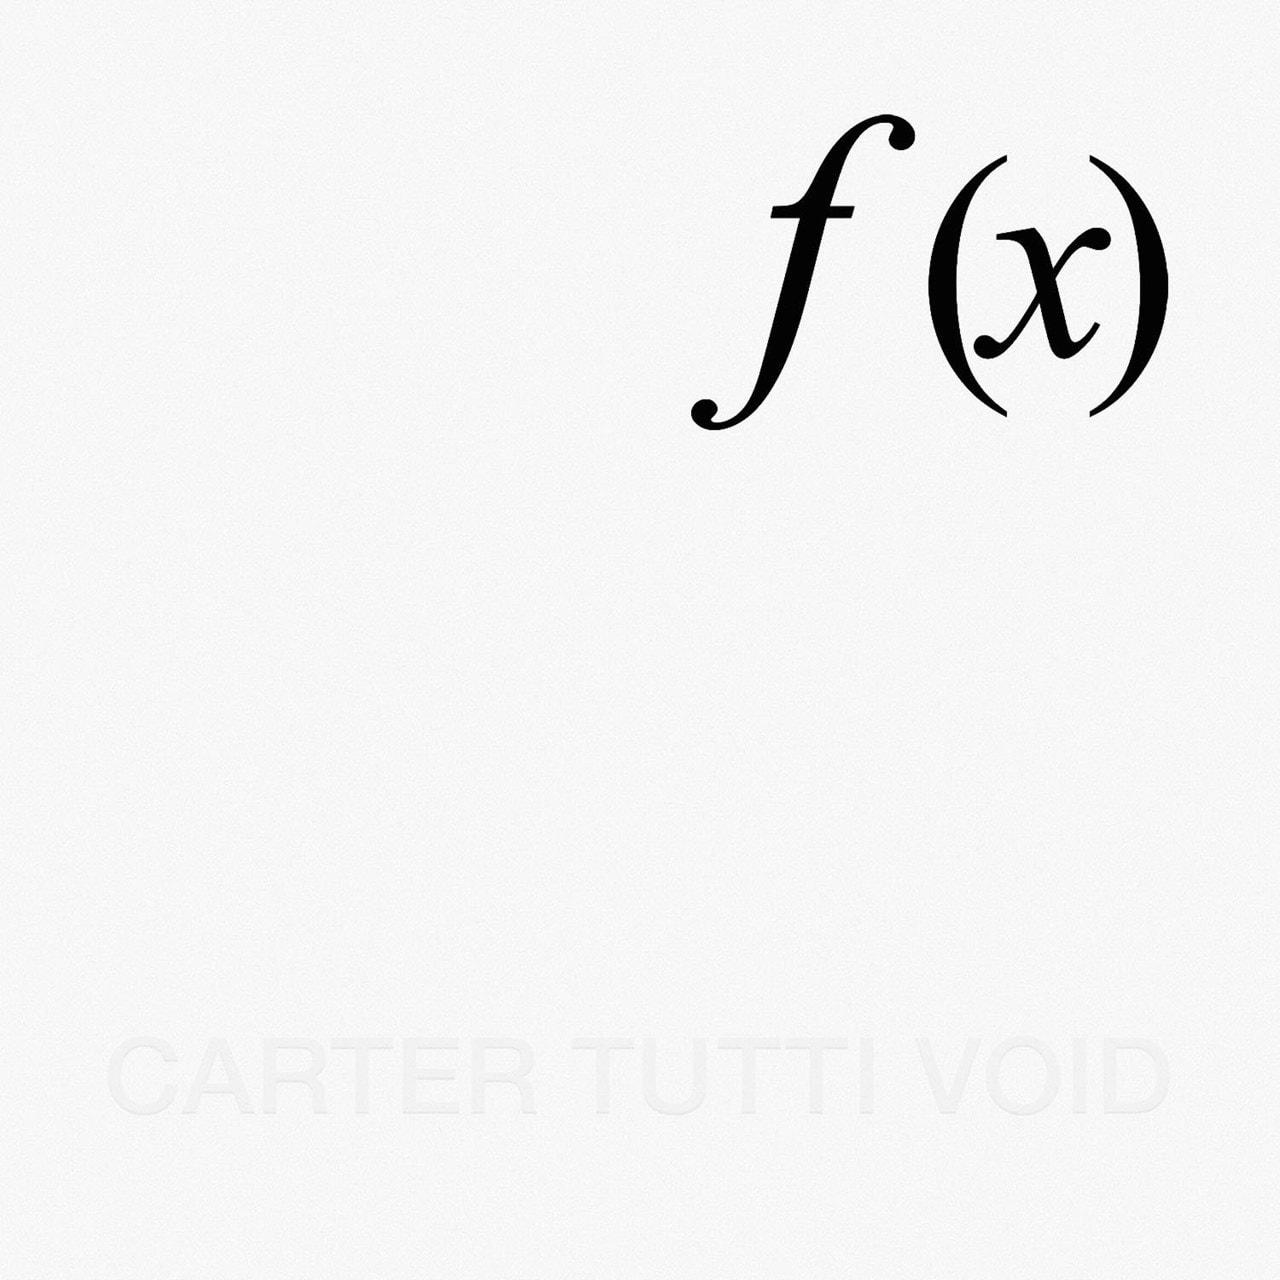 F (X) - 1